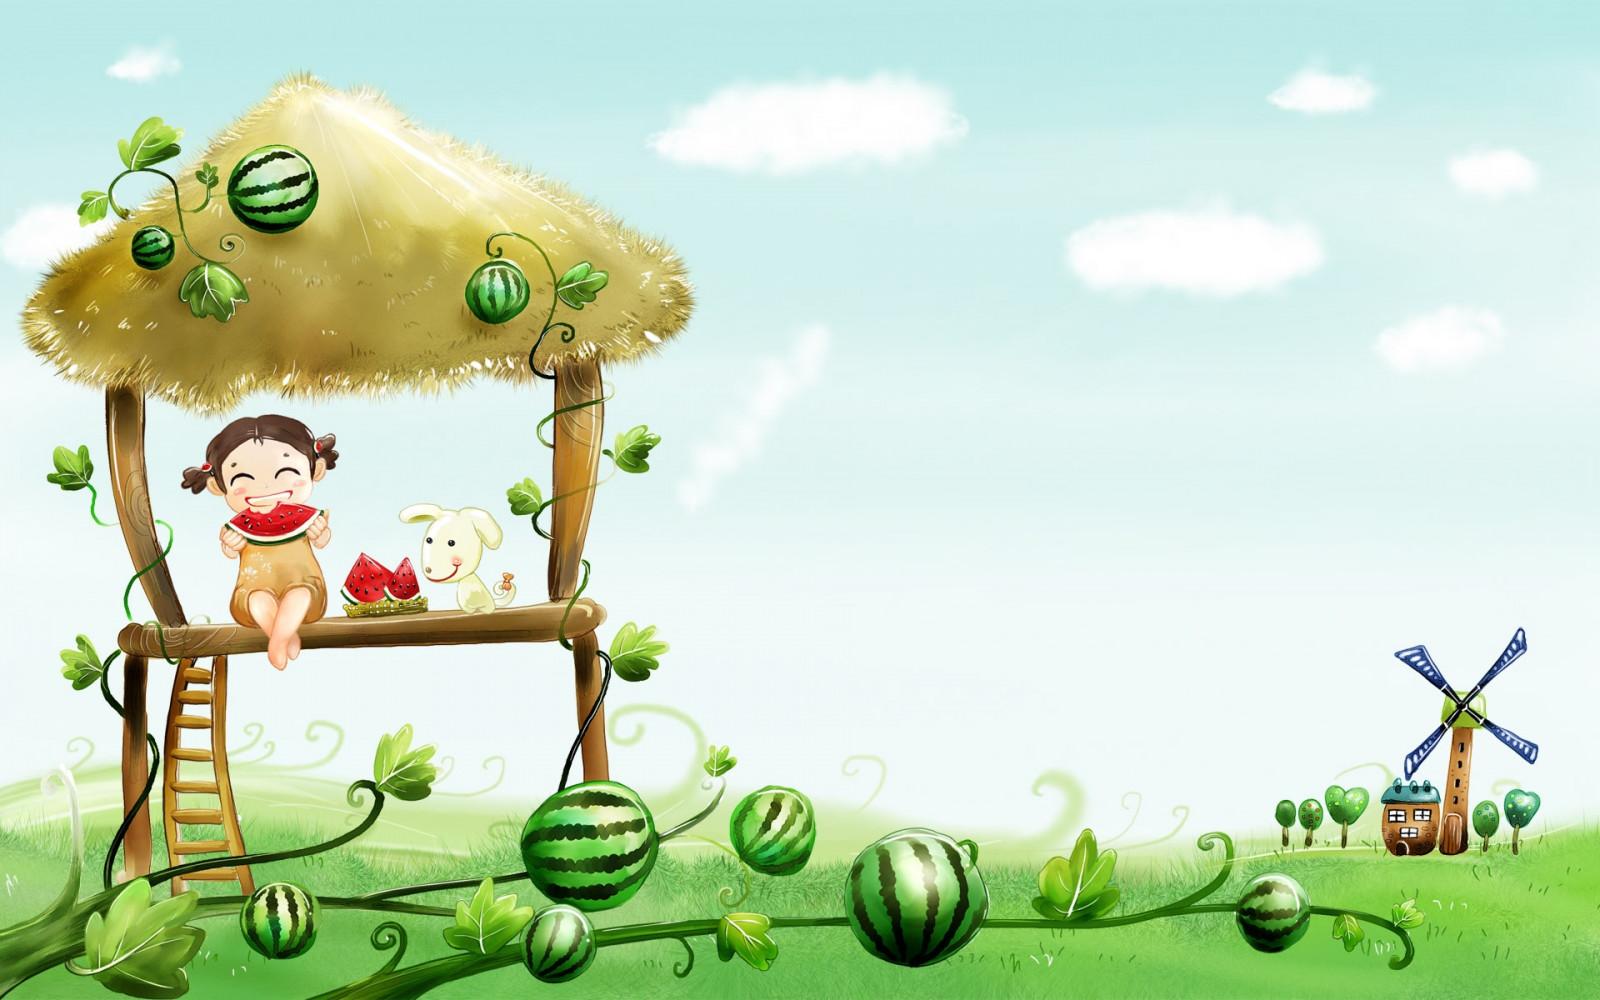 วอลเปเปอร์ : ภาพประกอบ, อาหาร, สวน, สีเขียว, การ์ตูน, หมา